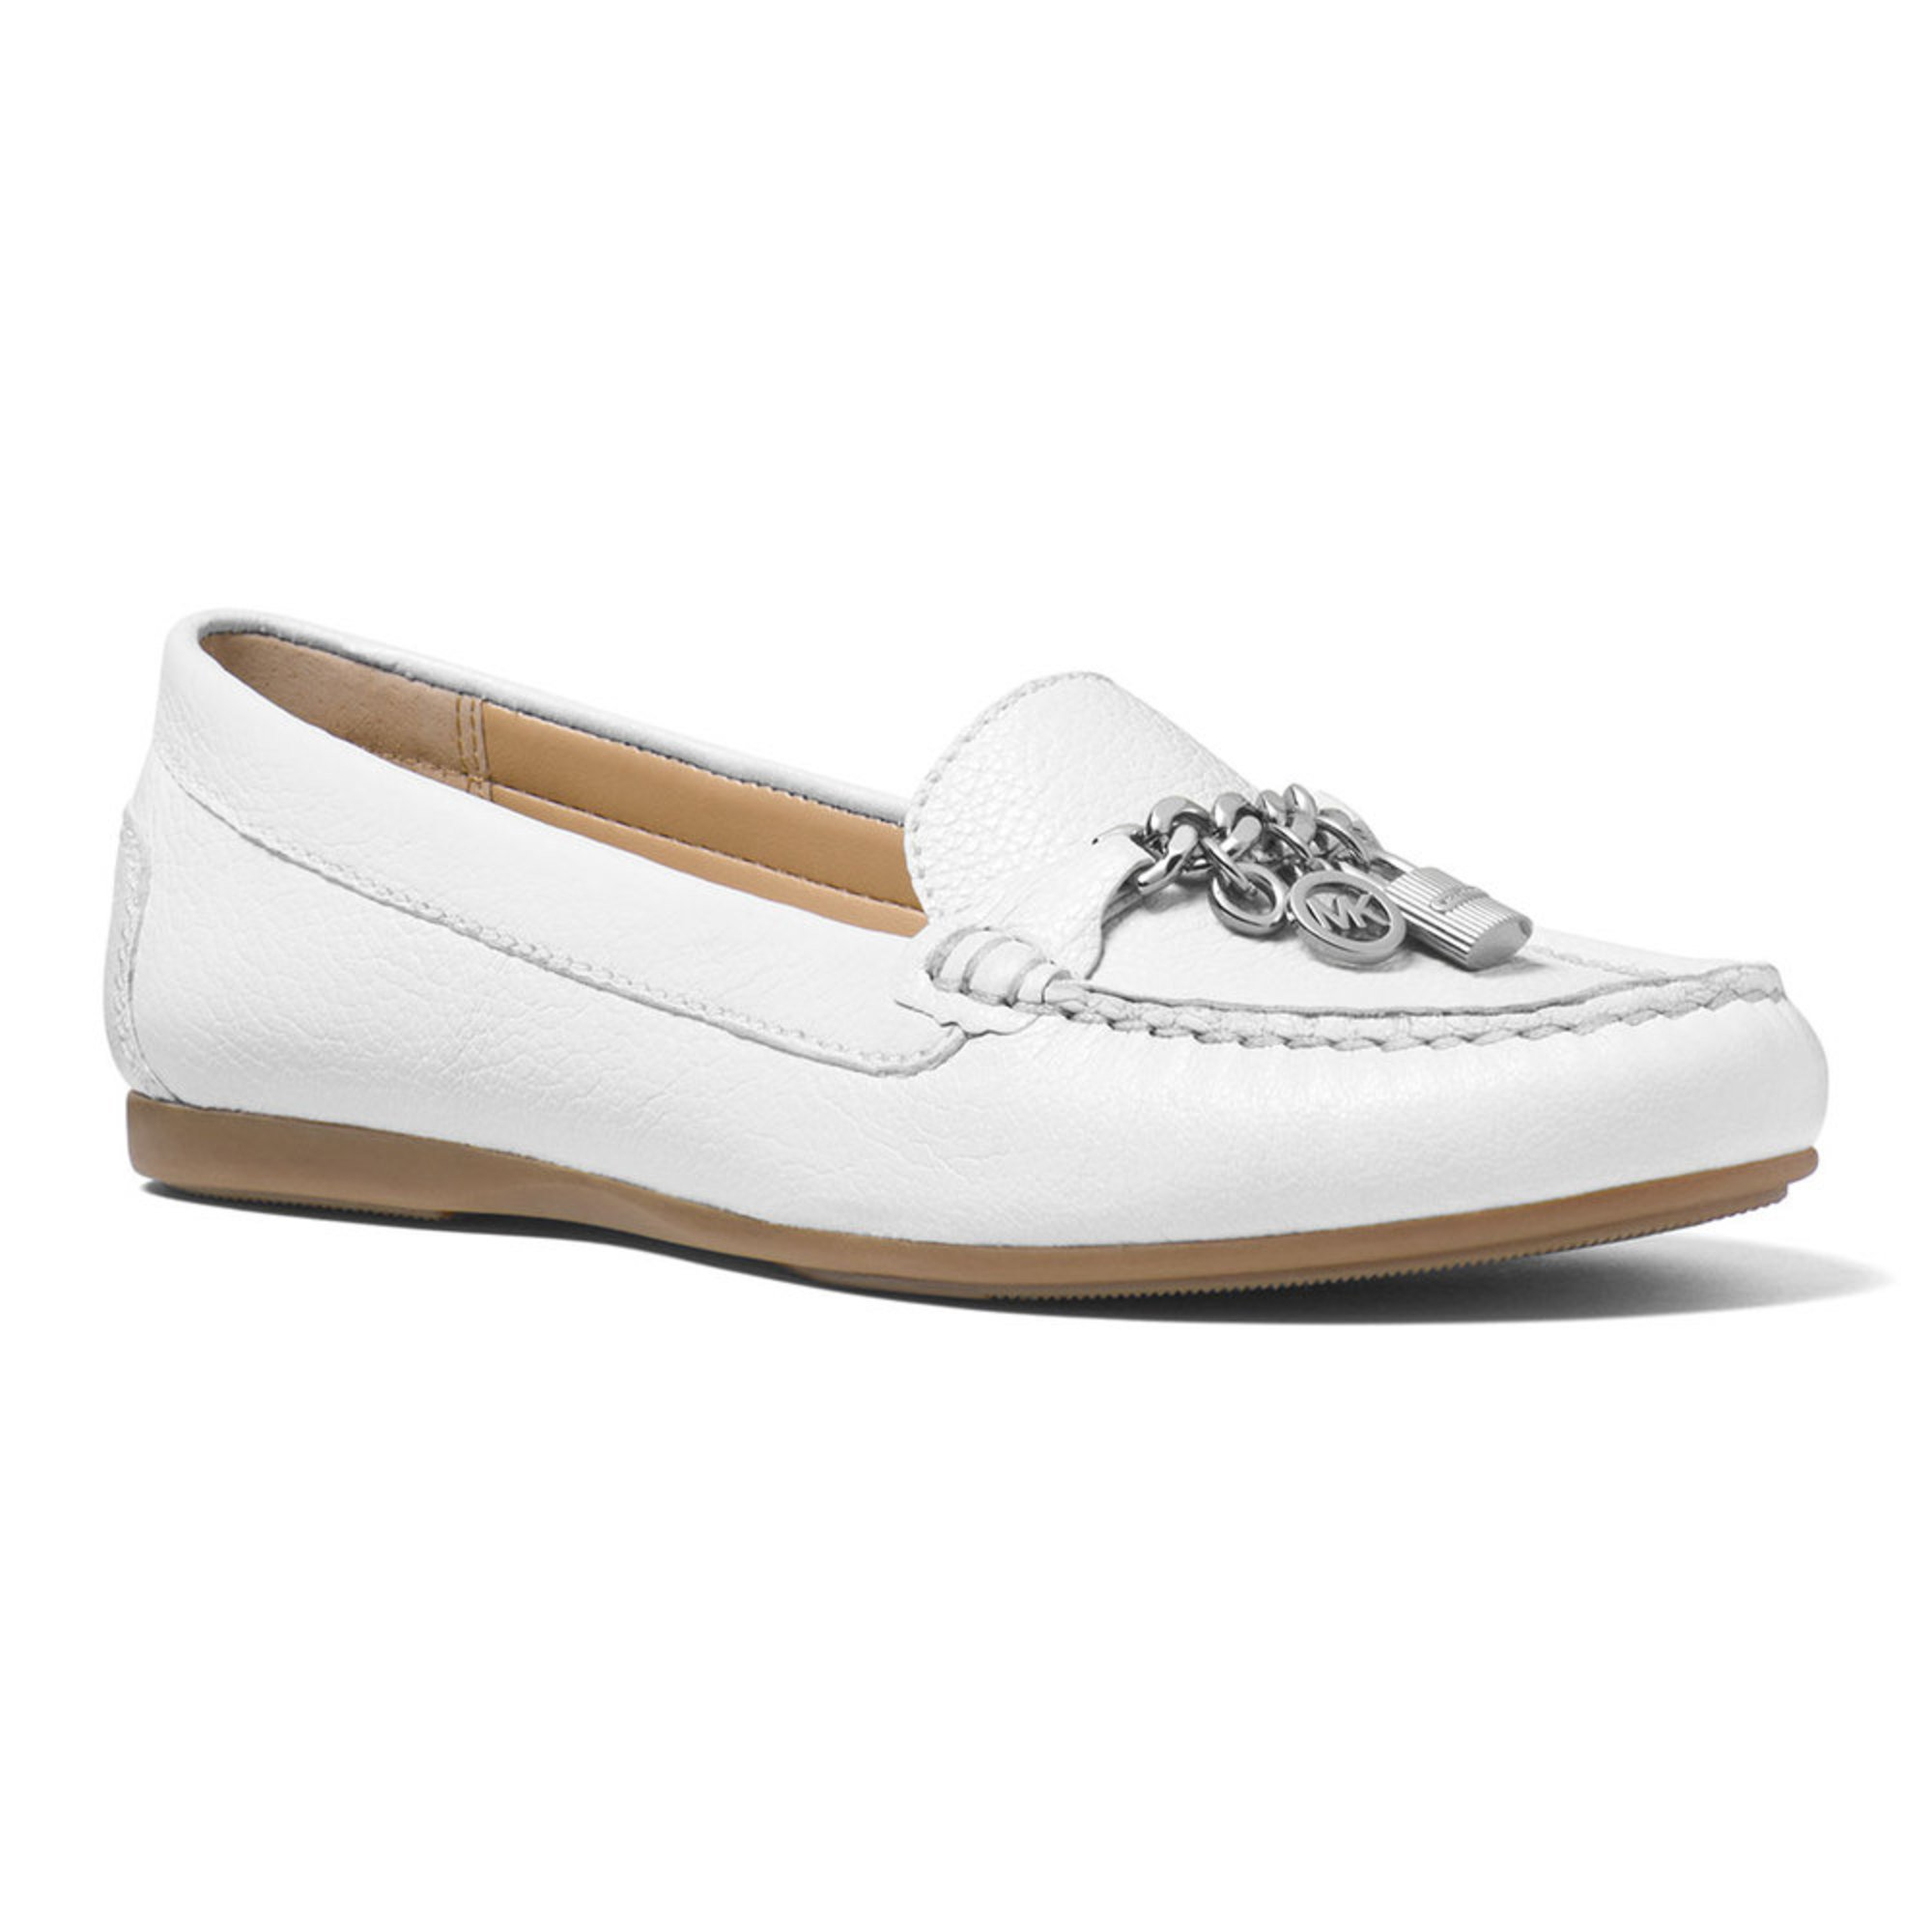 michael kors suki moc s slip on shoe tumbled leather